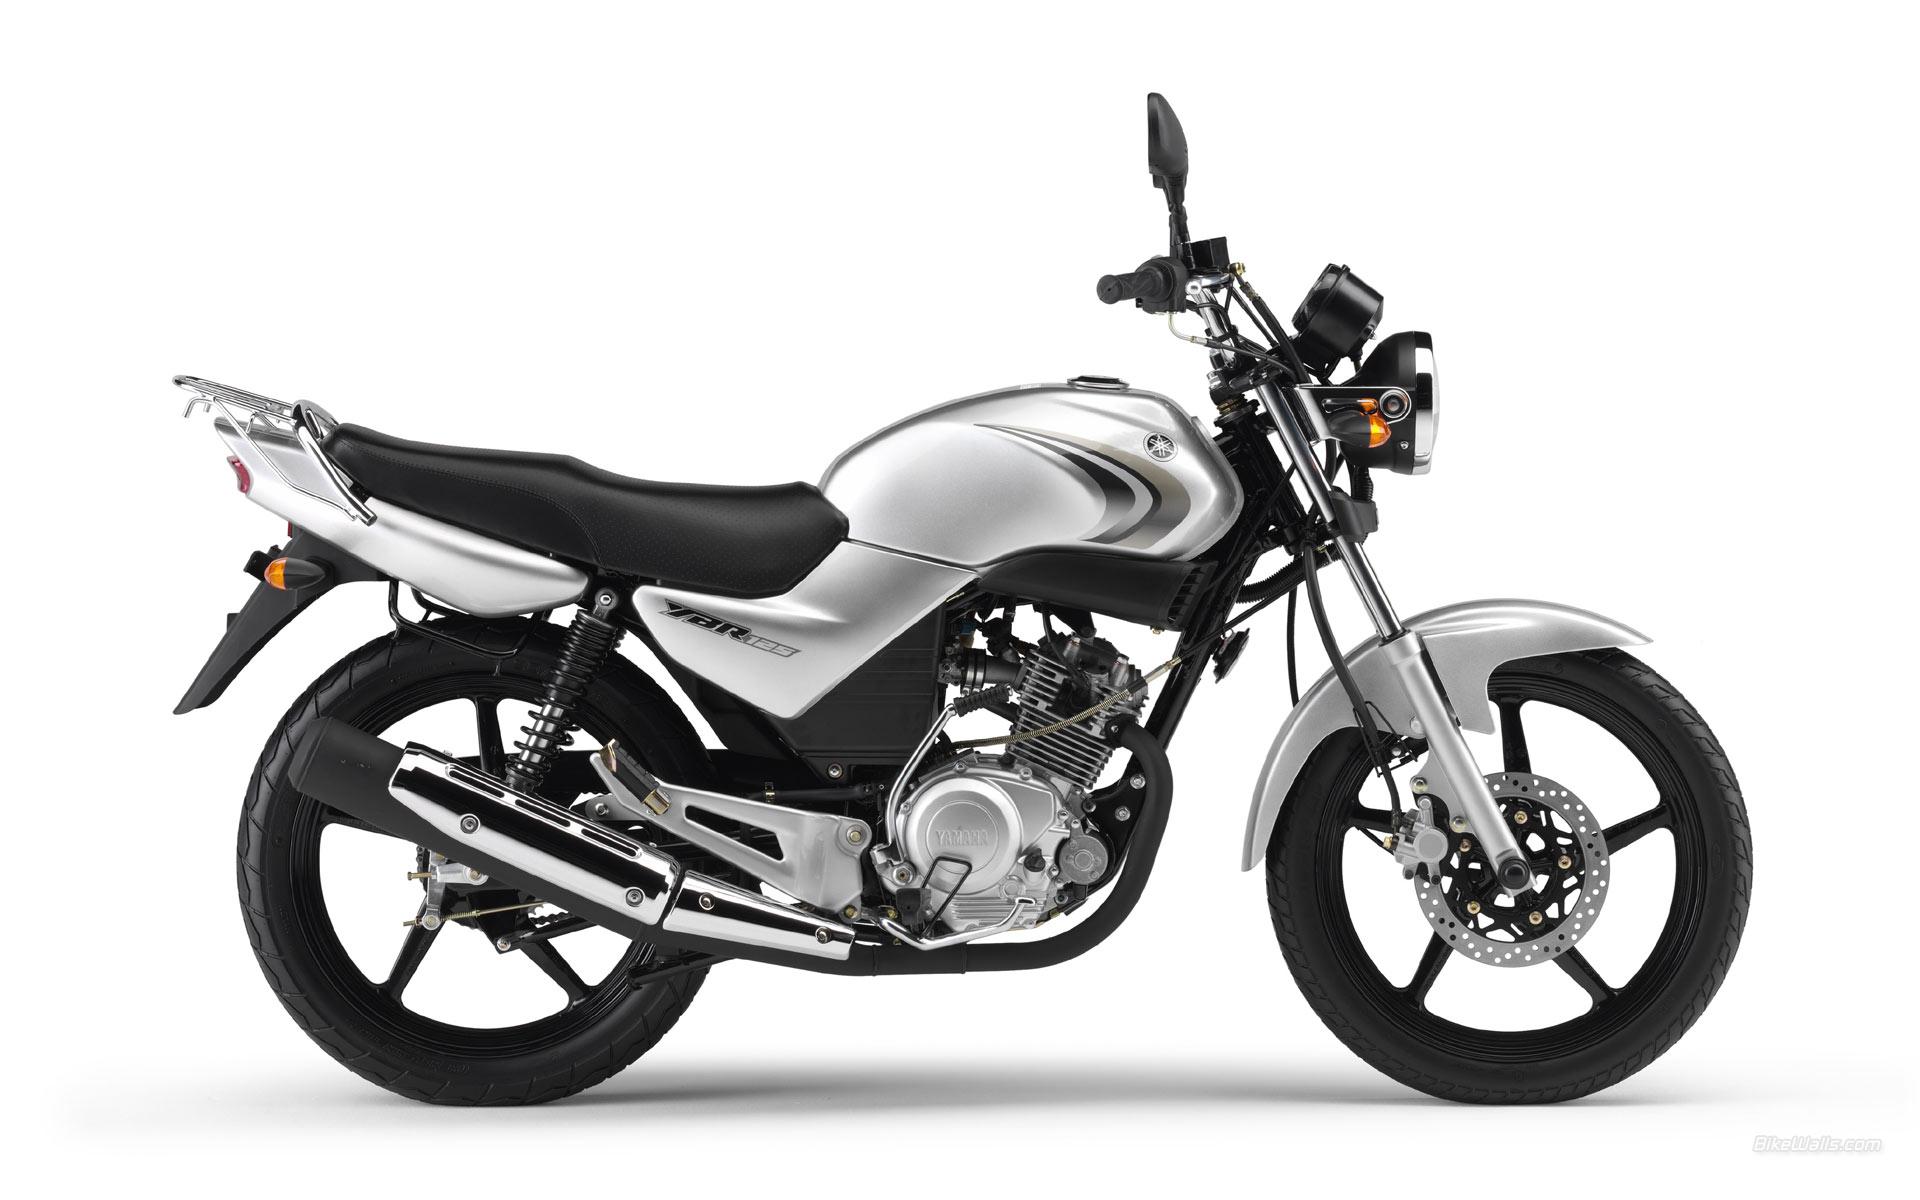 Yamaha%20YBR%20125%201920x1200_c140.jpg